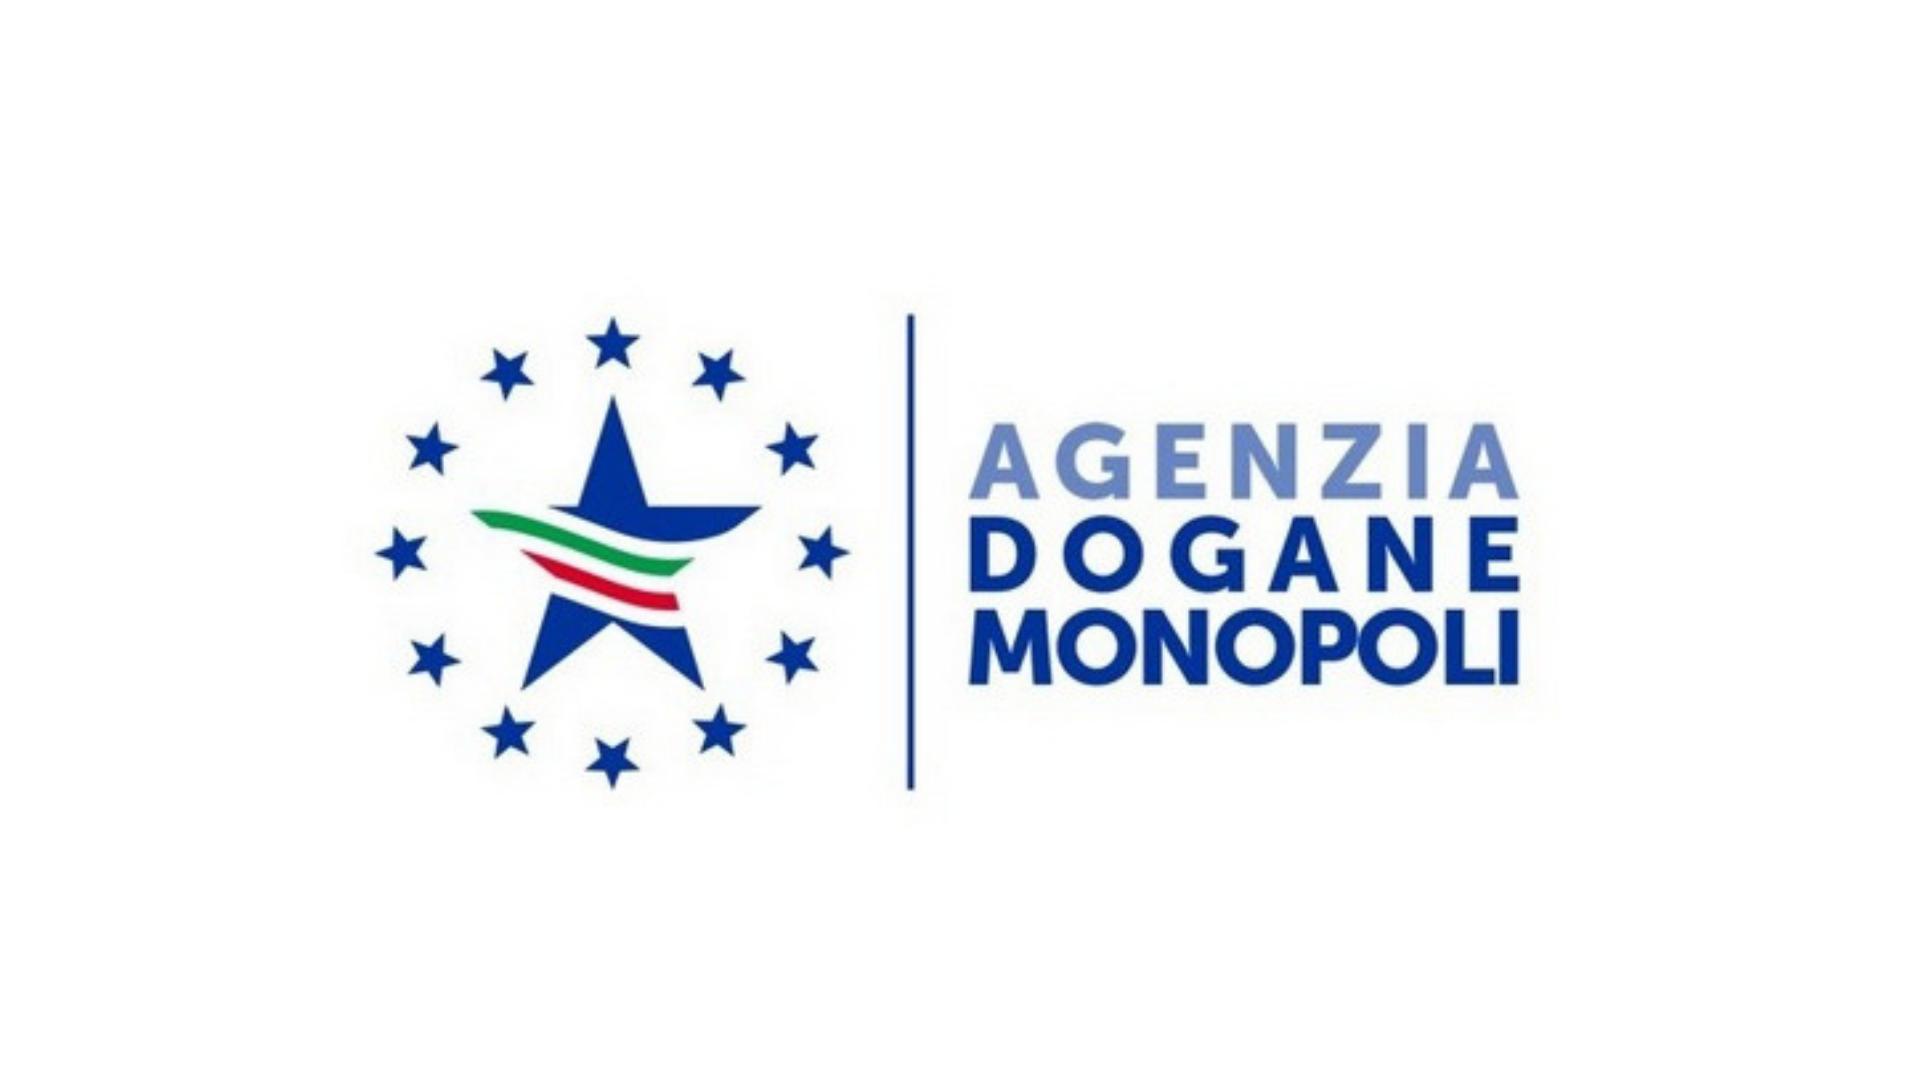 Agenzia Dogane e Monopoli v8